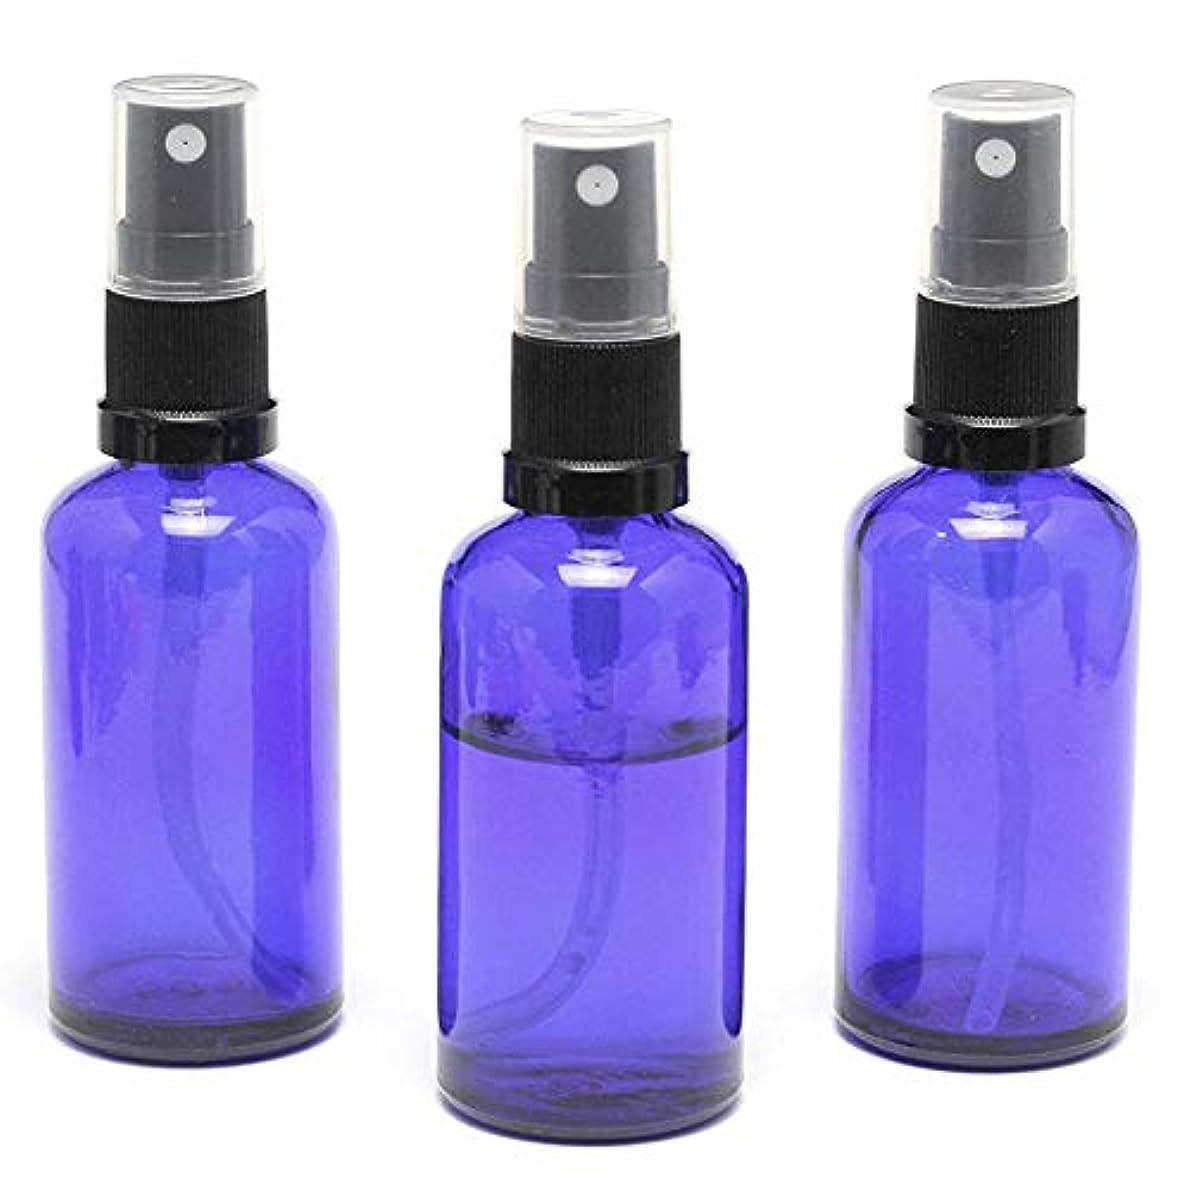 立場市区町村シアー遮光瓶/スプレーボトル (アトマイザー) 50ml ブルー/ブラックヘッド 3本セット